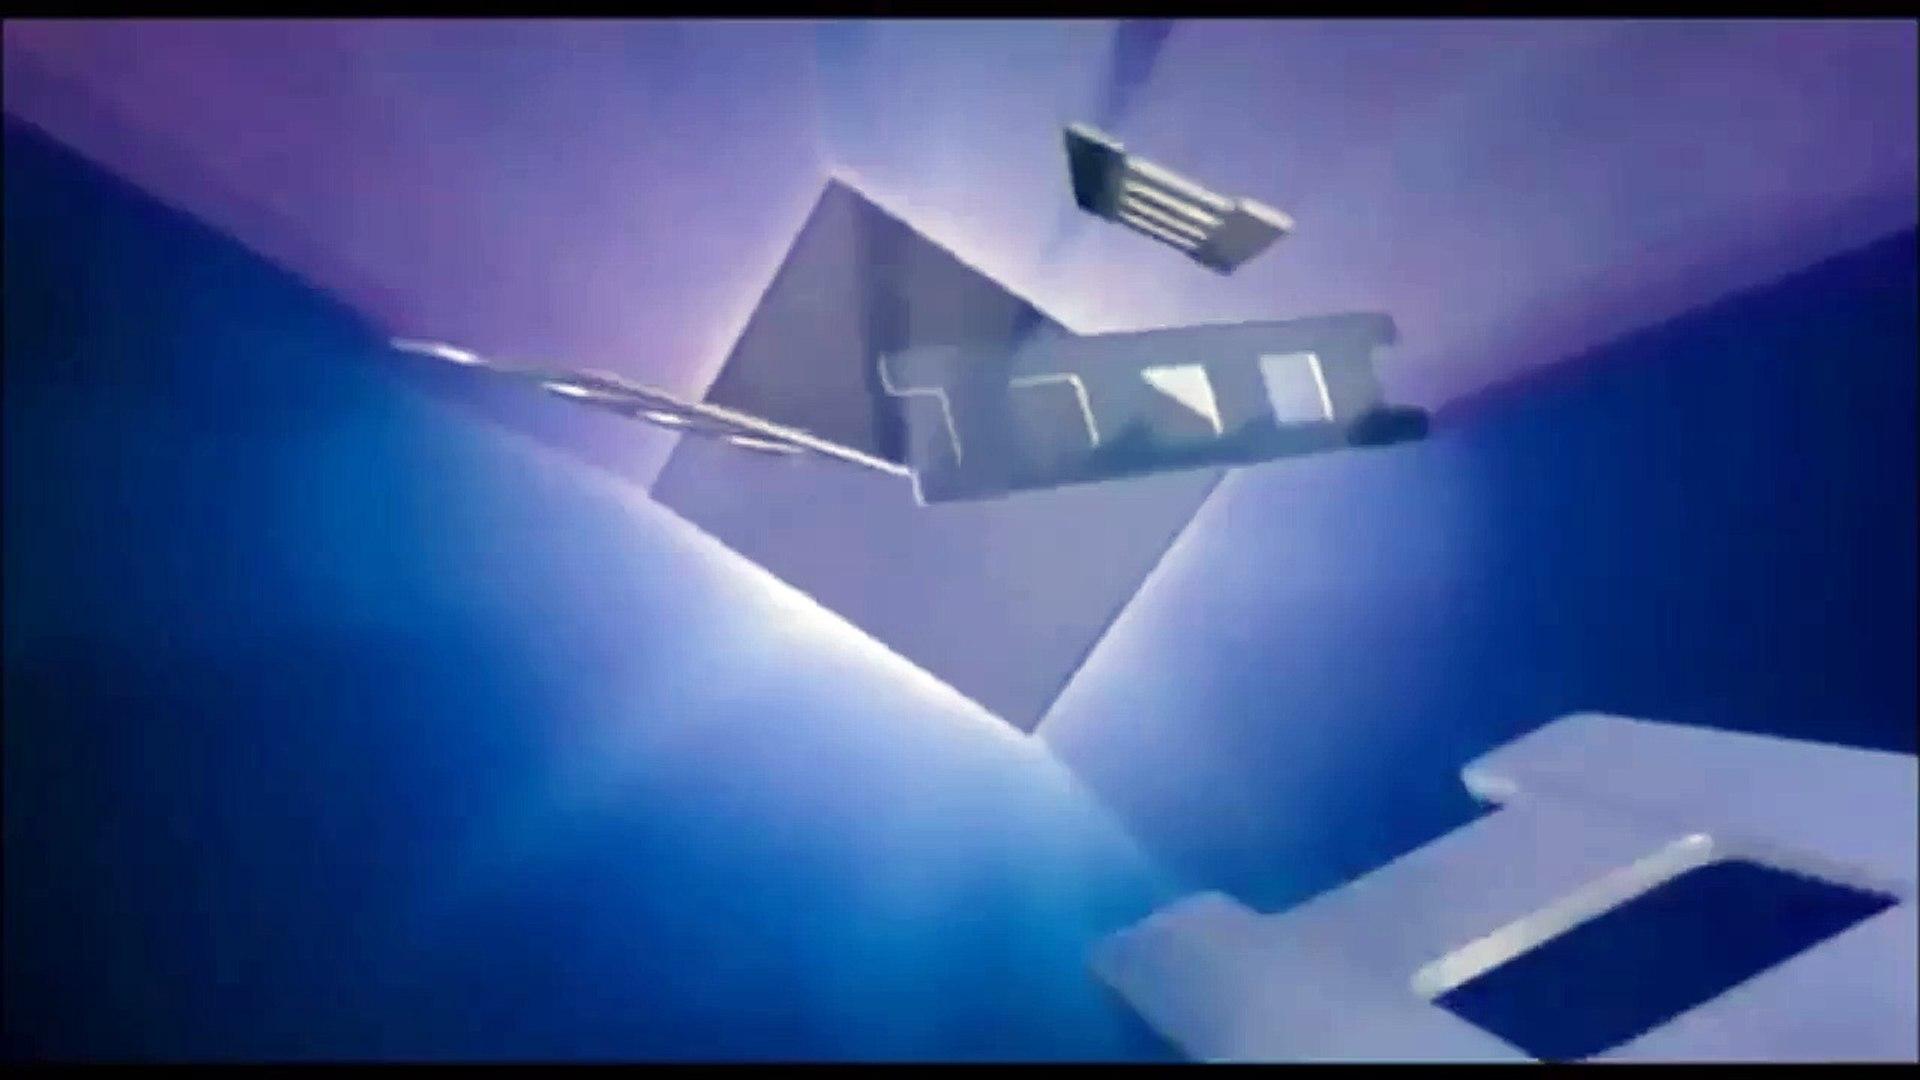 скачать фильм Хоббит 3: Битва пяти воинств 2011 через торрент бесплатно в хорошем качестве